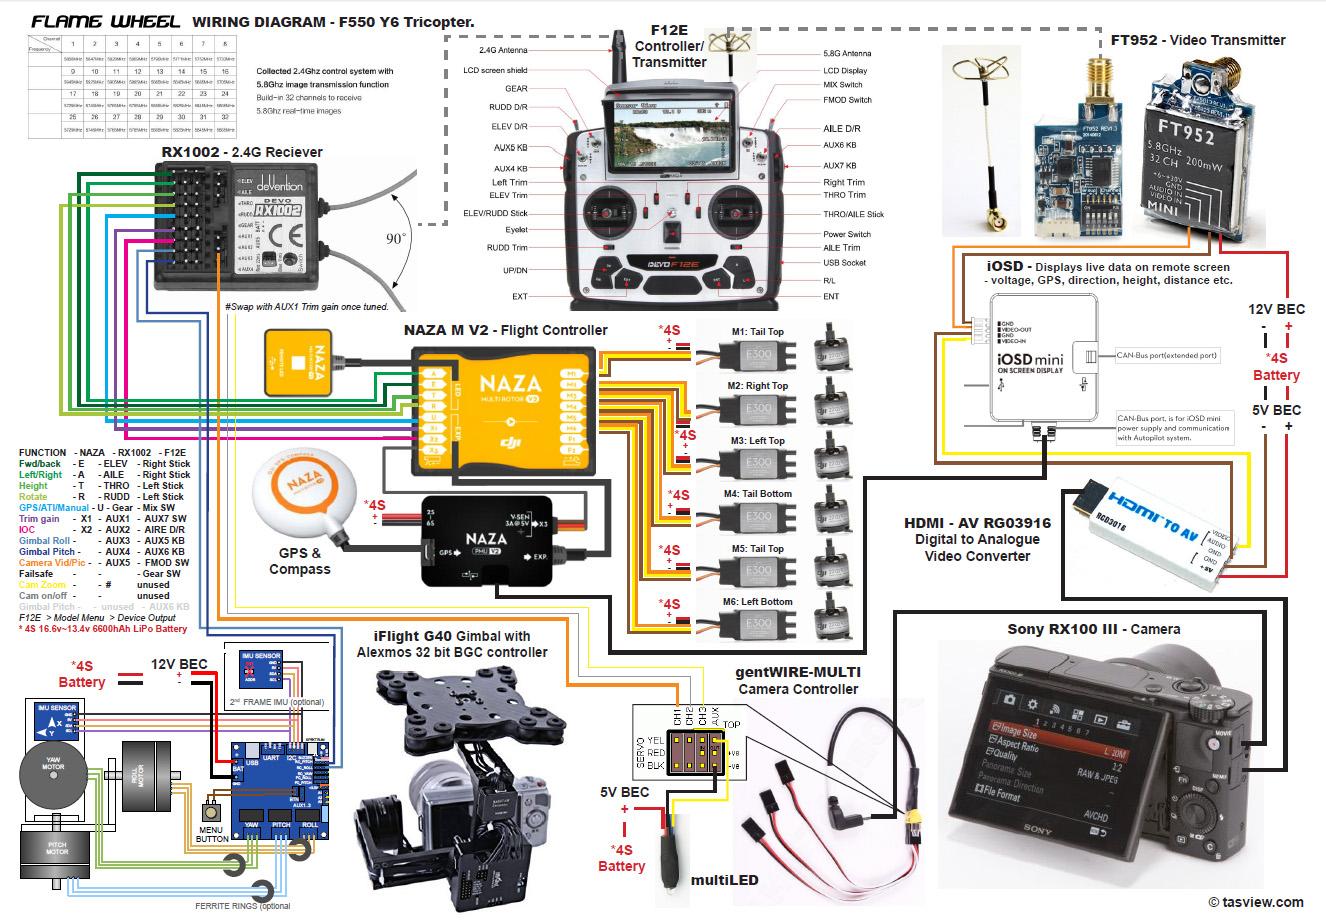 naza wiring diagram led wiring diagram detailed vespa wiring diagram naza wiring diagram led [ 1326 x 920 Pixel ]